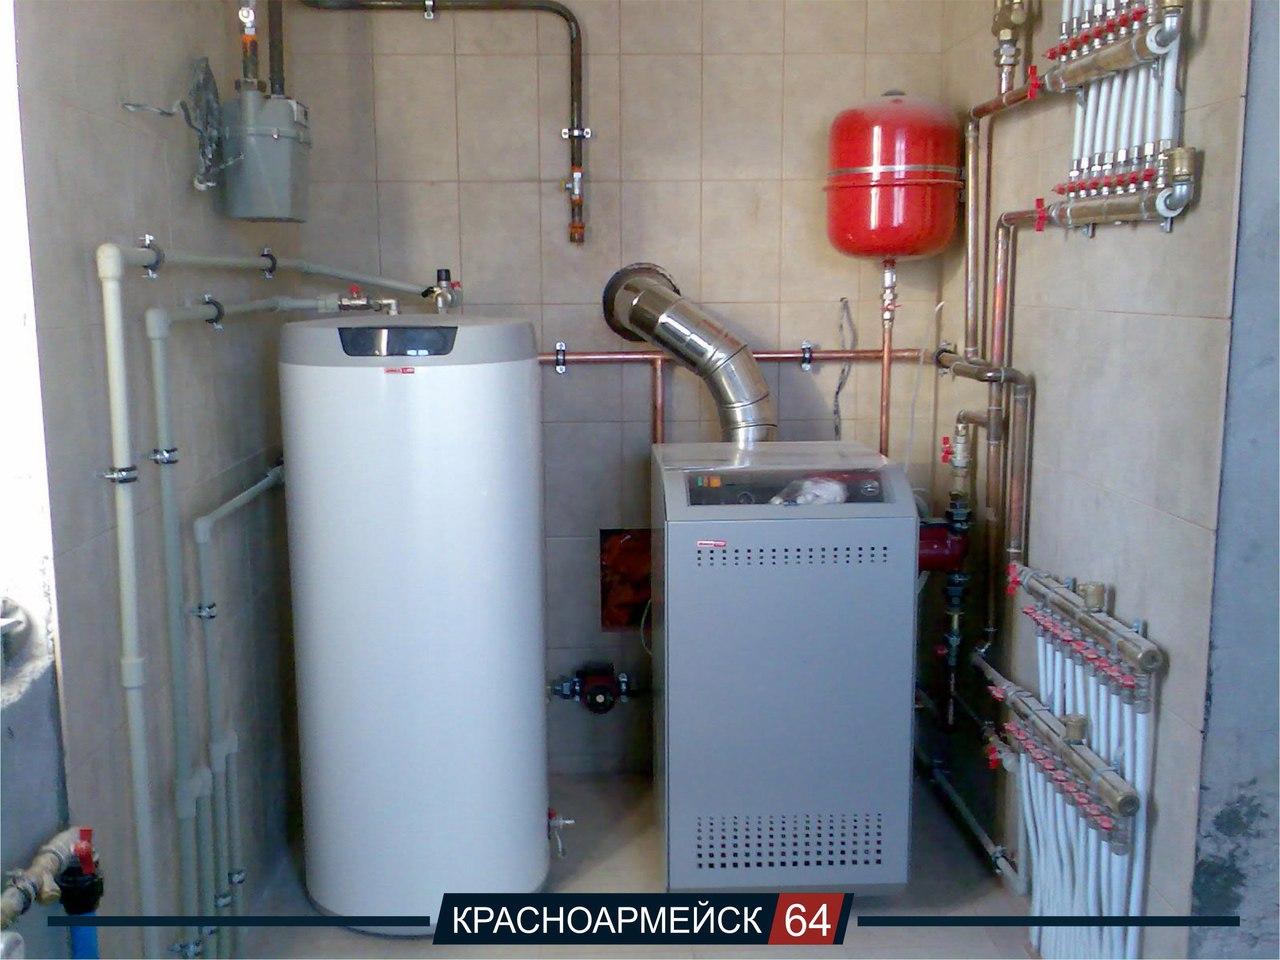 Жителям Красноармейска выставили платежки за центральное отопление по 20 тысяч рублей